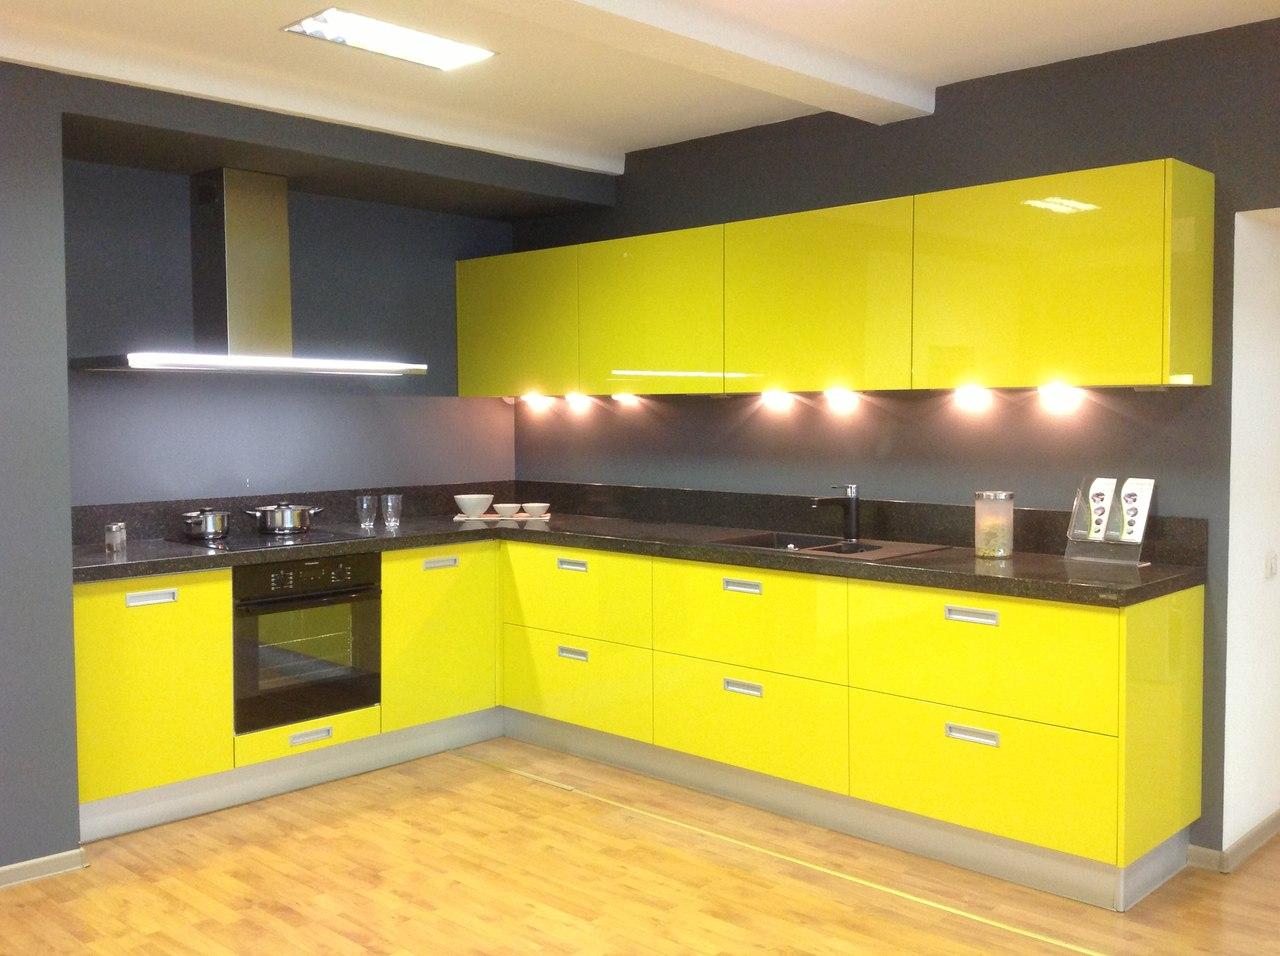 Стоит ли выбирать насыщенные цвета для отделки кухни